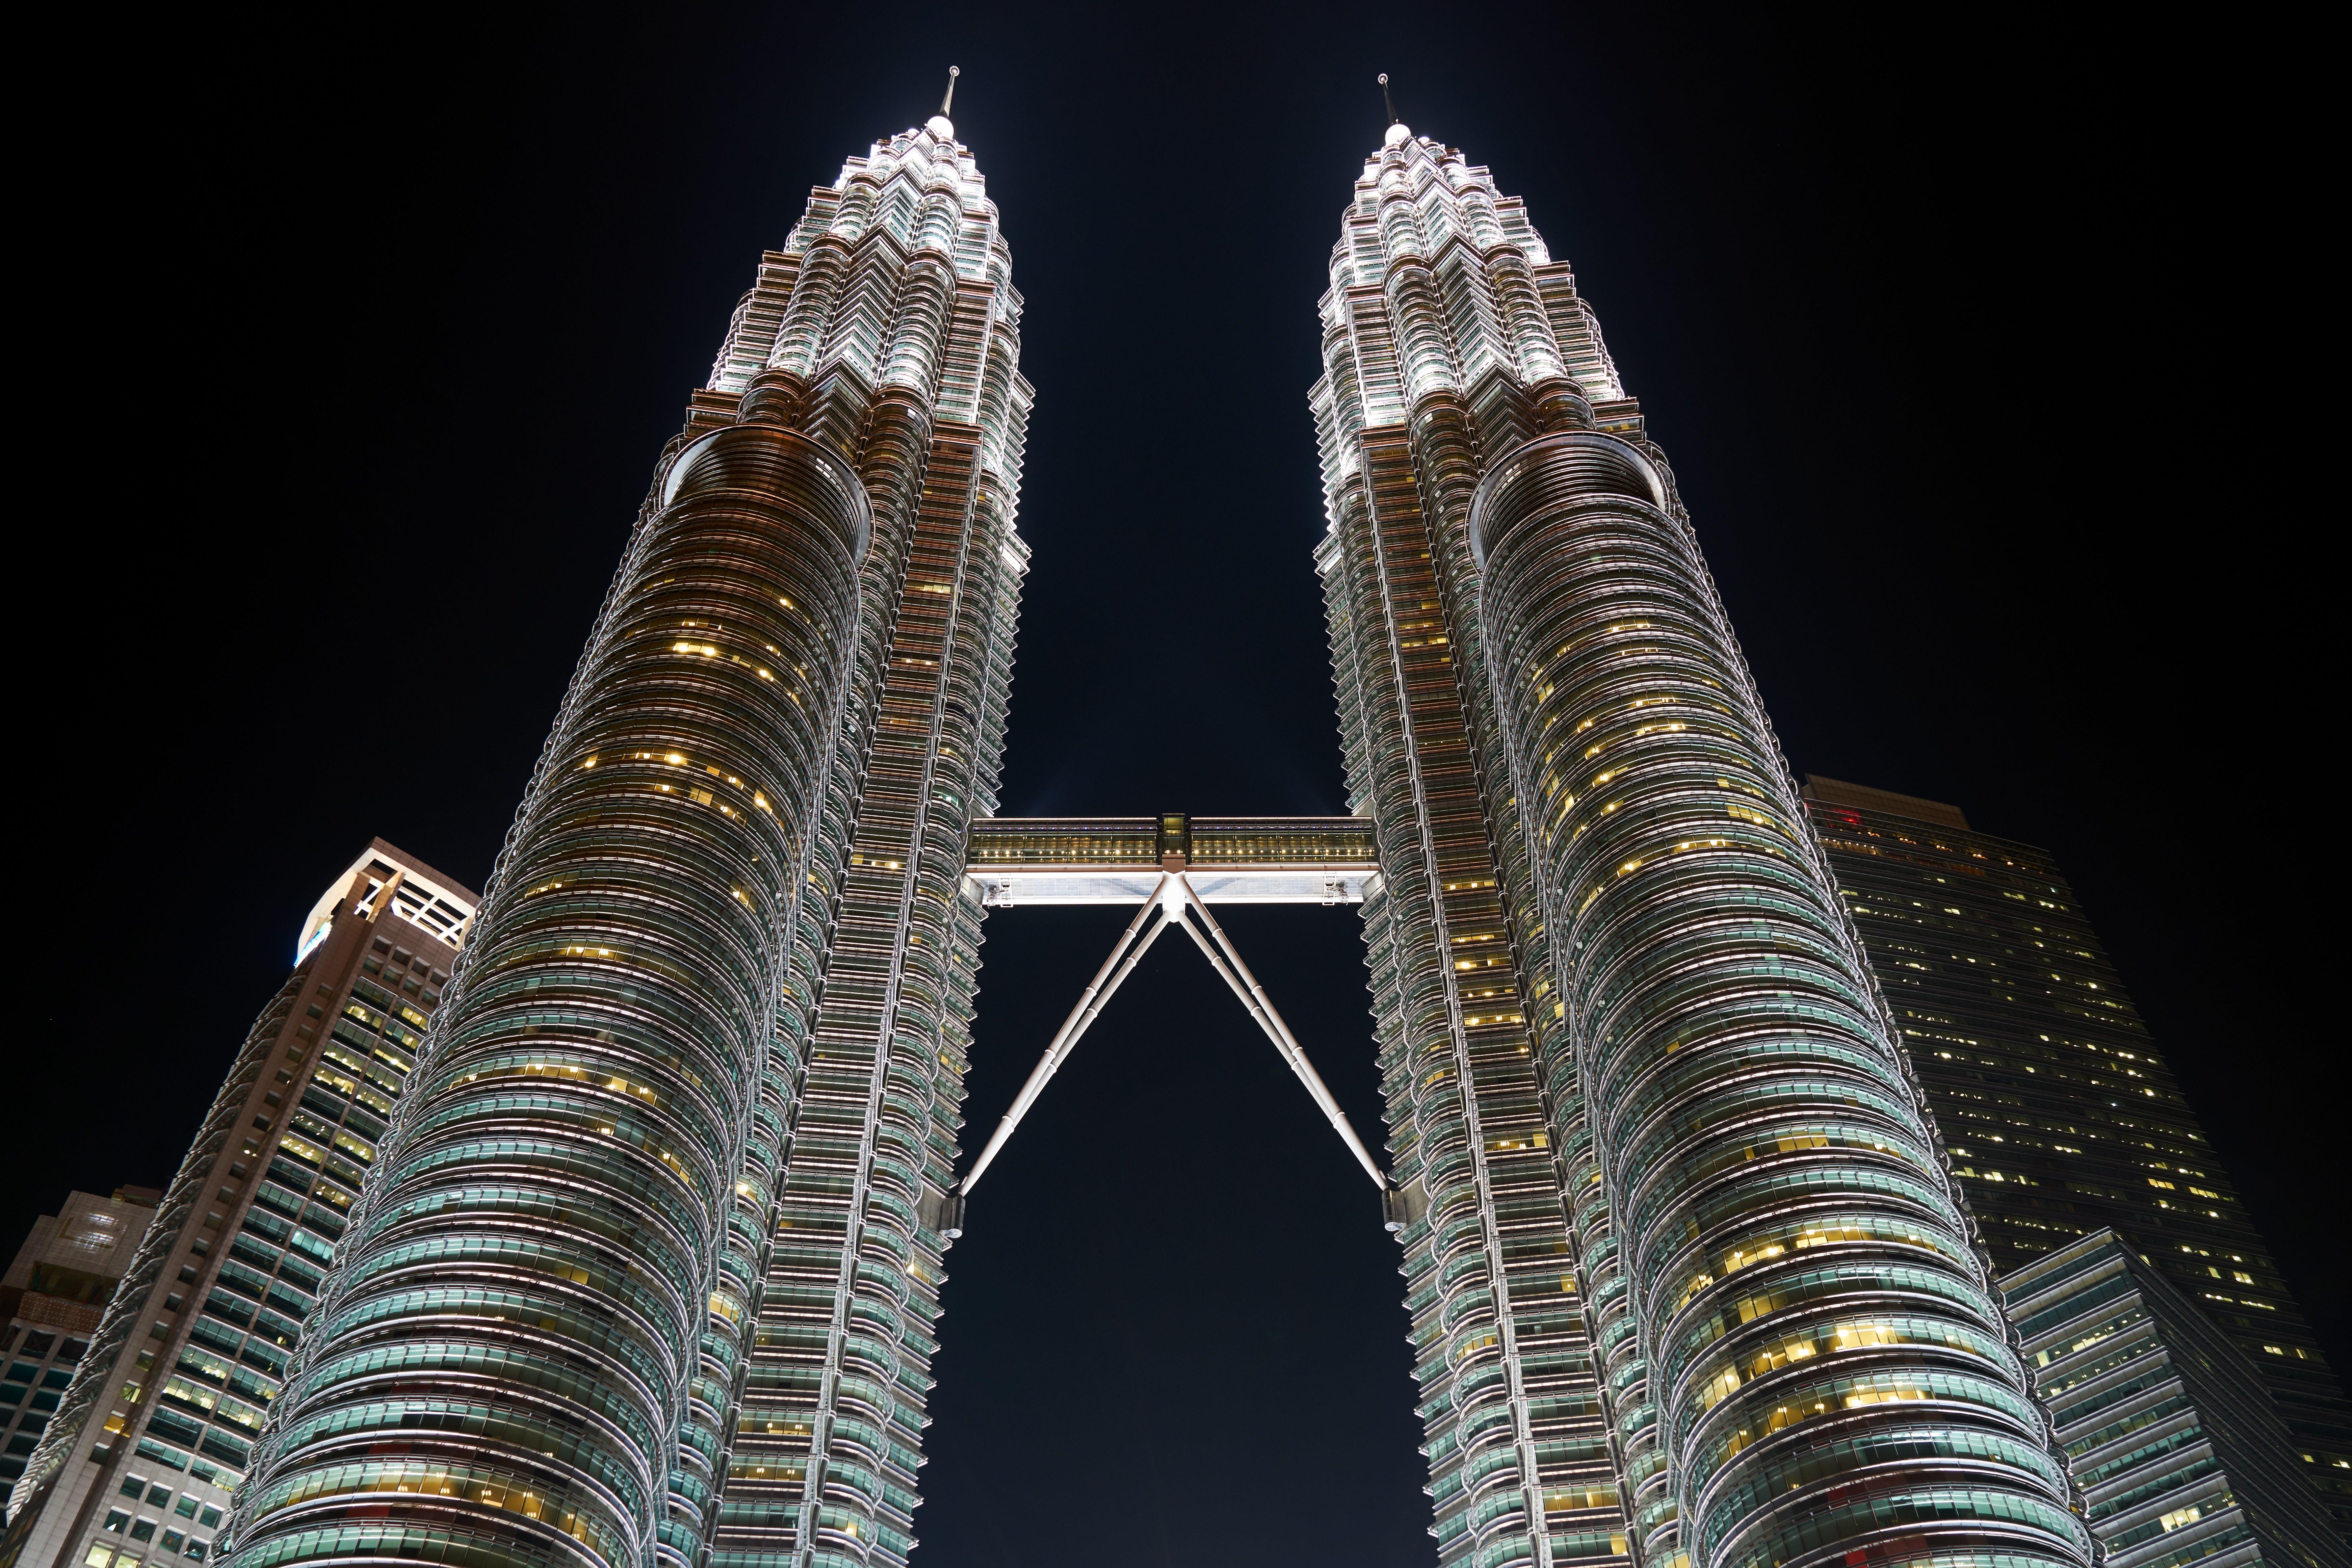 architectural design, architecture, asia